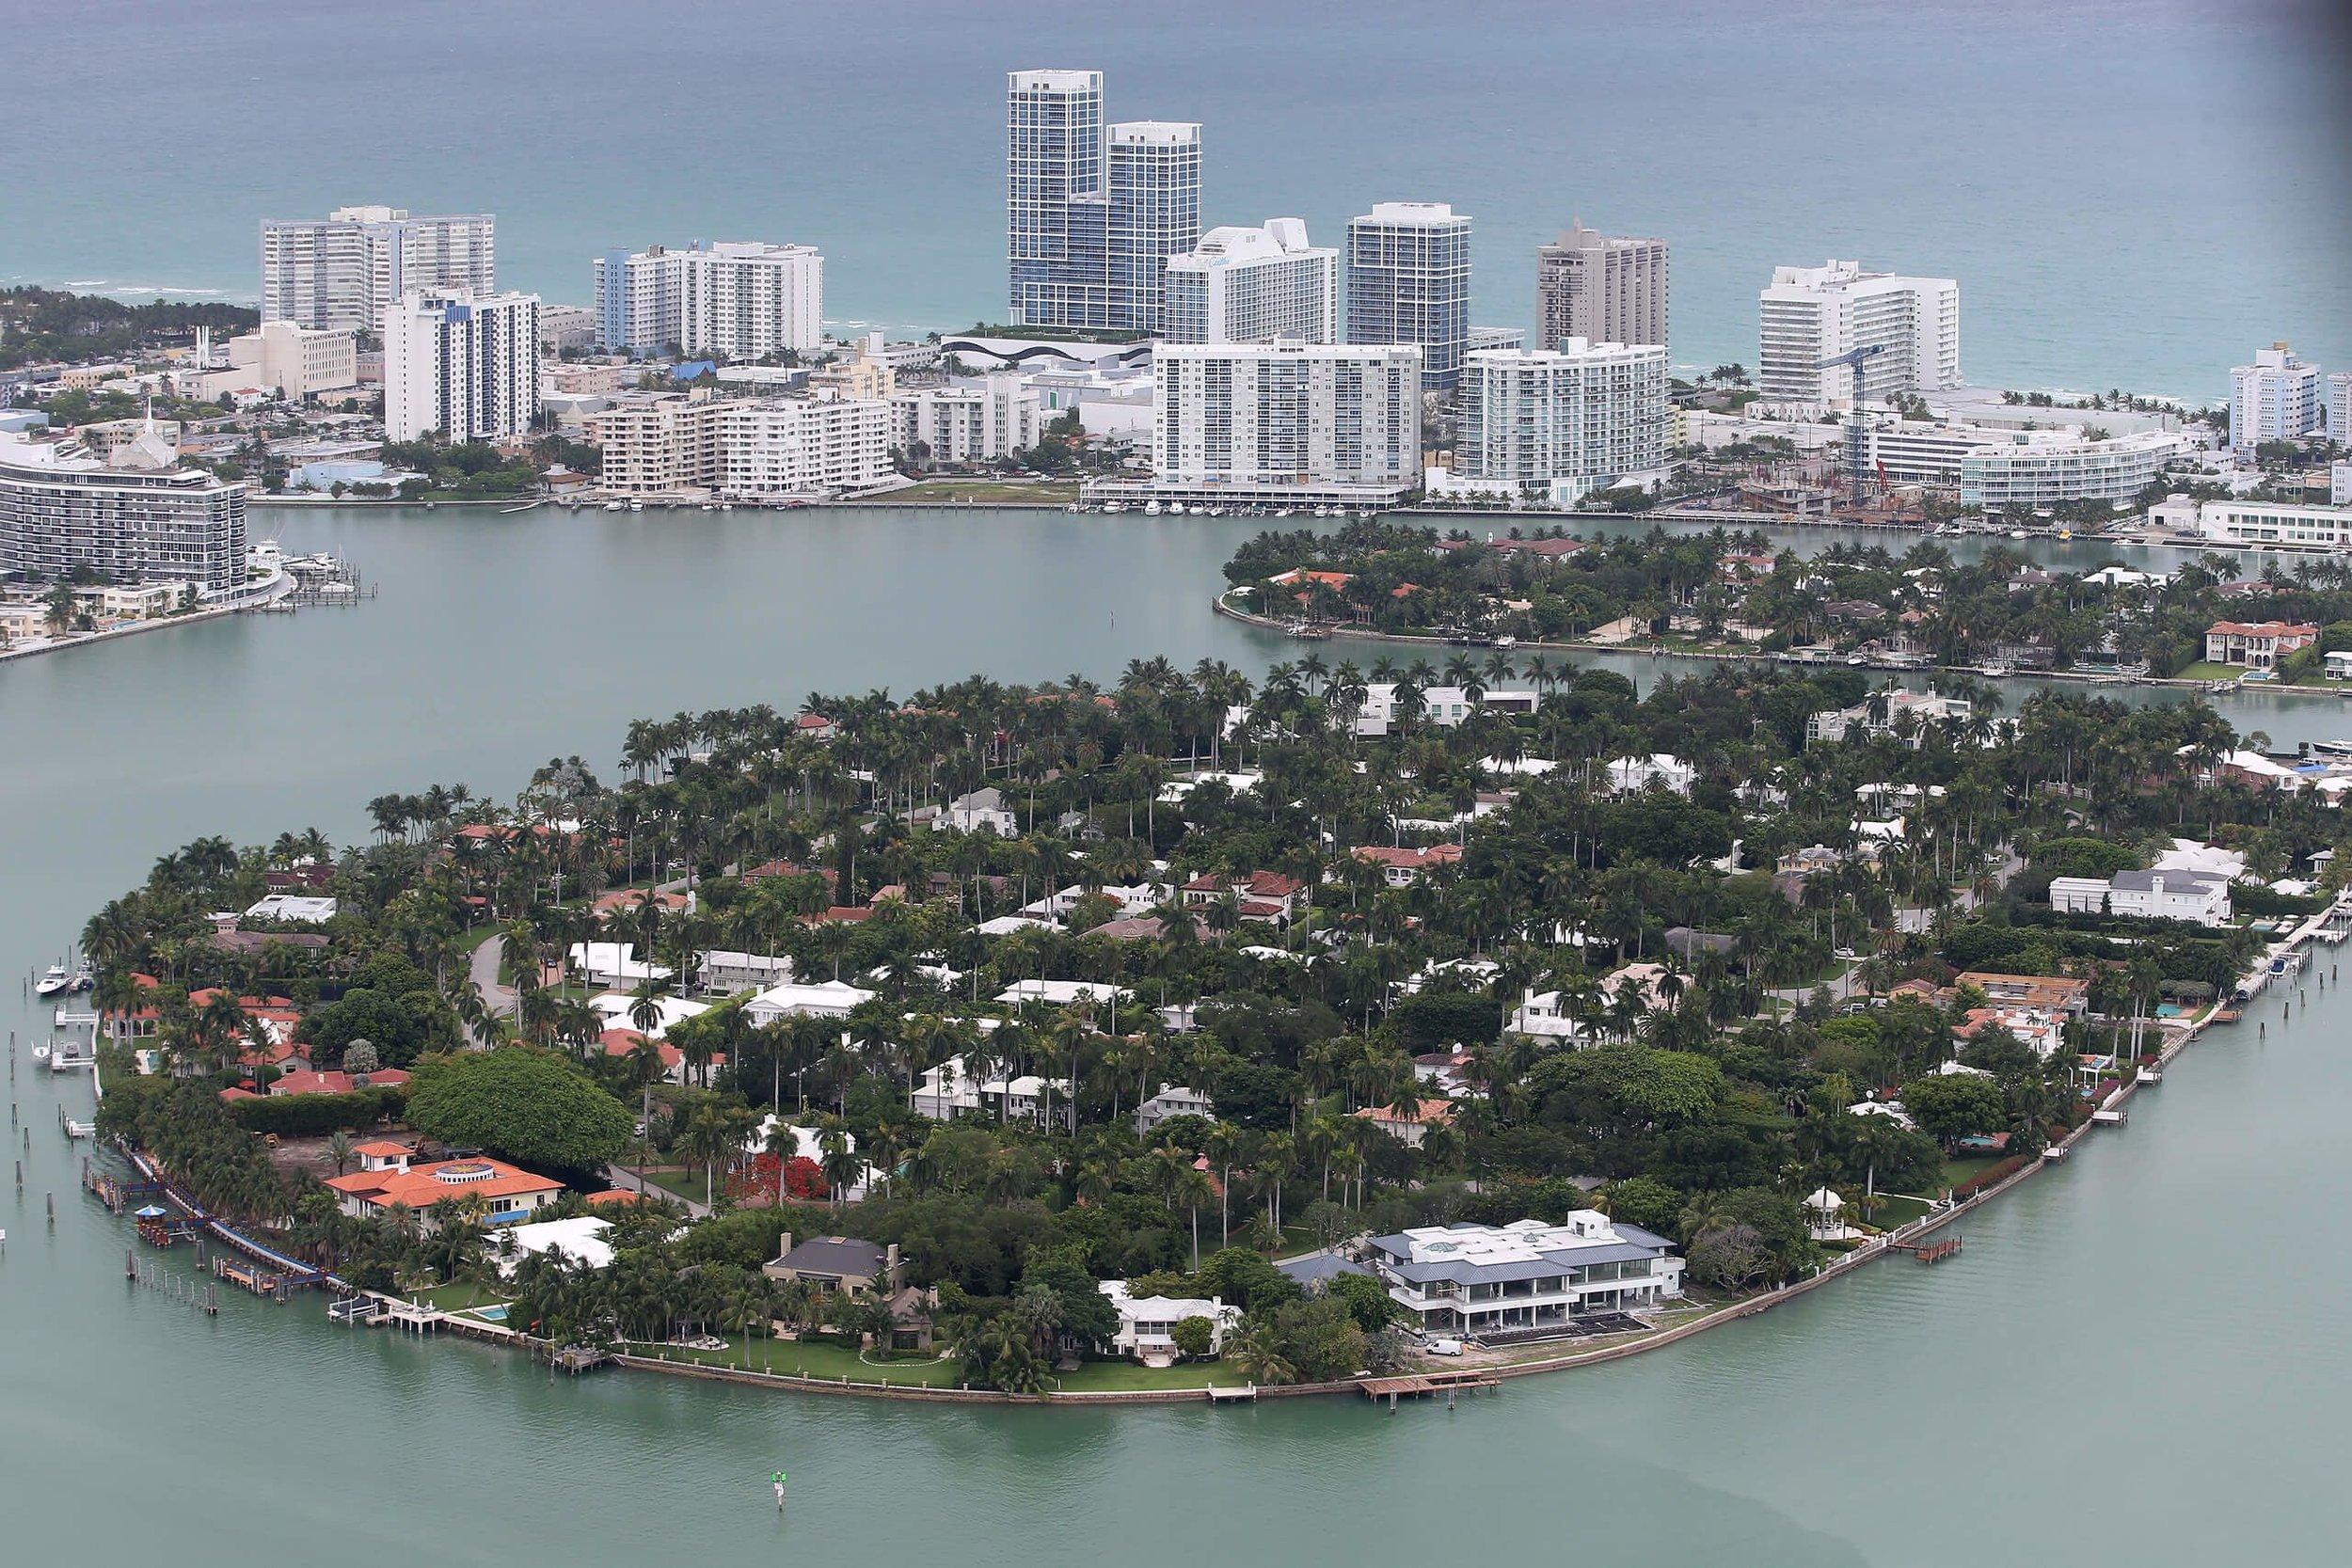 迈阿密和迈阿密临海地区。Photo: Joe Raedle/Getty